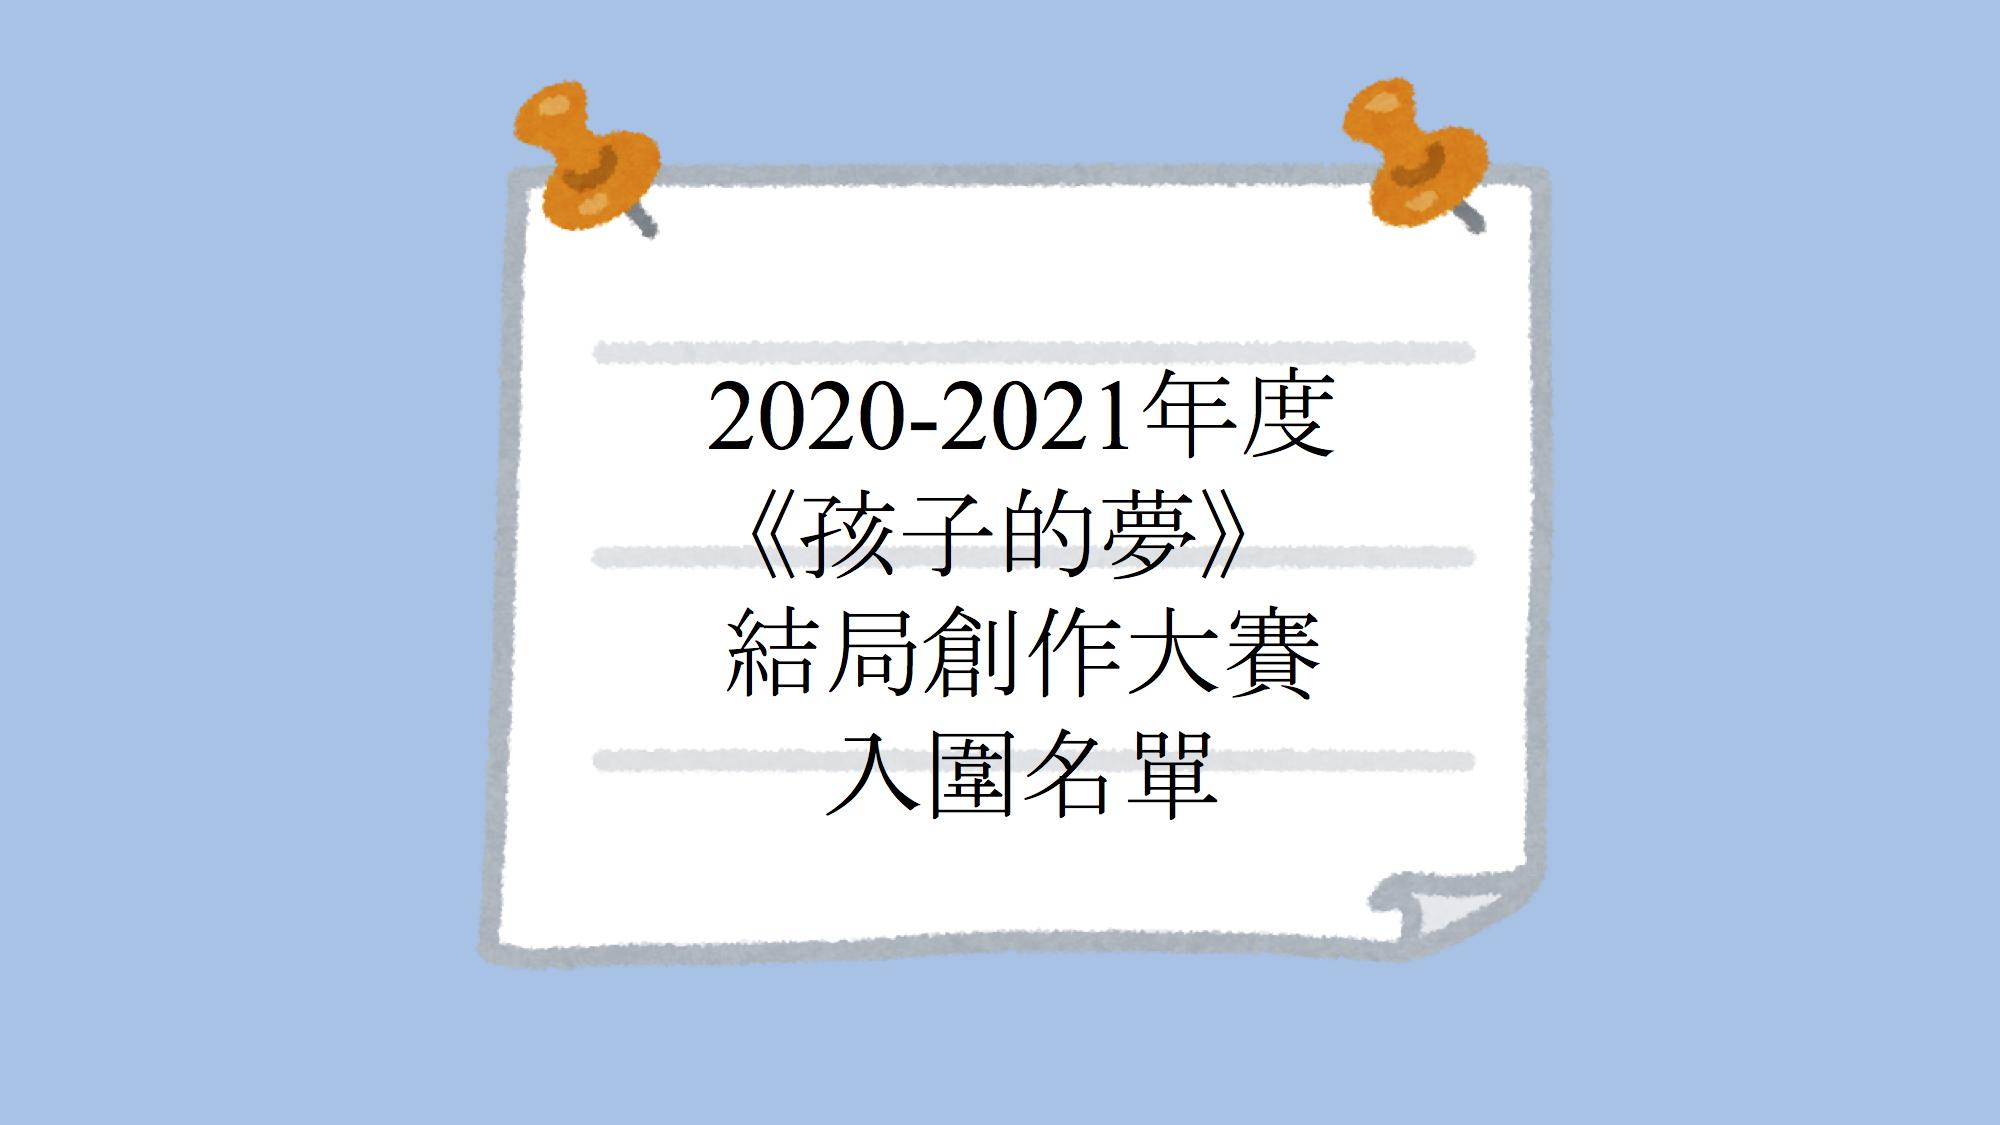 2020-2021年度《孩子的夢》結局創作大賽入圍名單